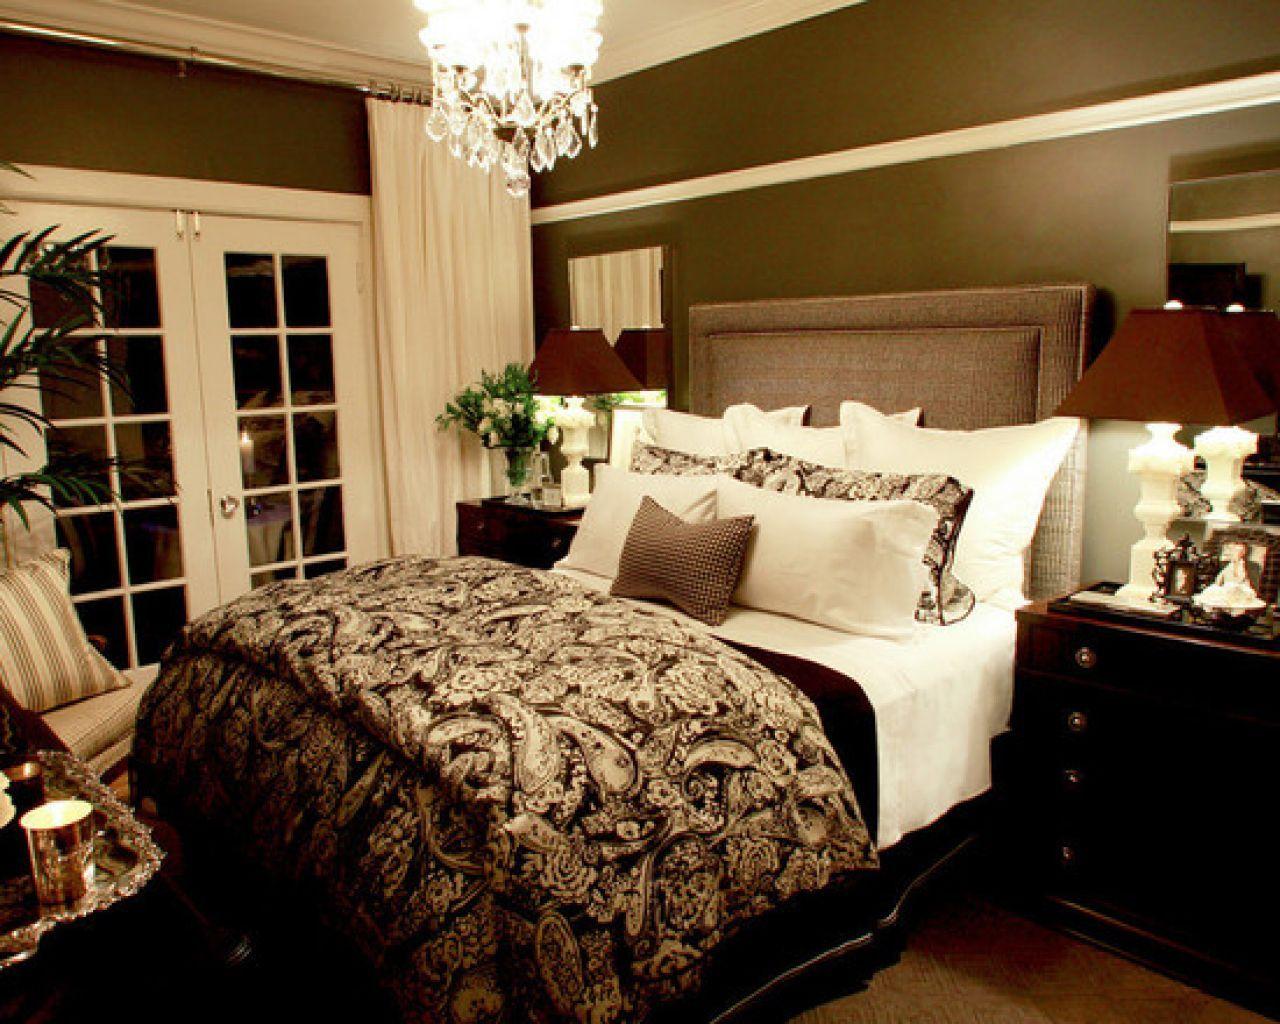 Full Size of Romantische Schlafzimmer Betten Deckenlampe Teppich Rauch Truhe Schränke Romantisches Bett Set Weiß Wandbilder Vorhänge Eckschrank Komplett Mit Lattenrost Schlafzimmer Romantische Schlafzimmer